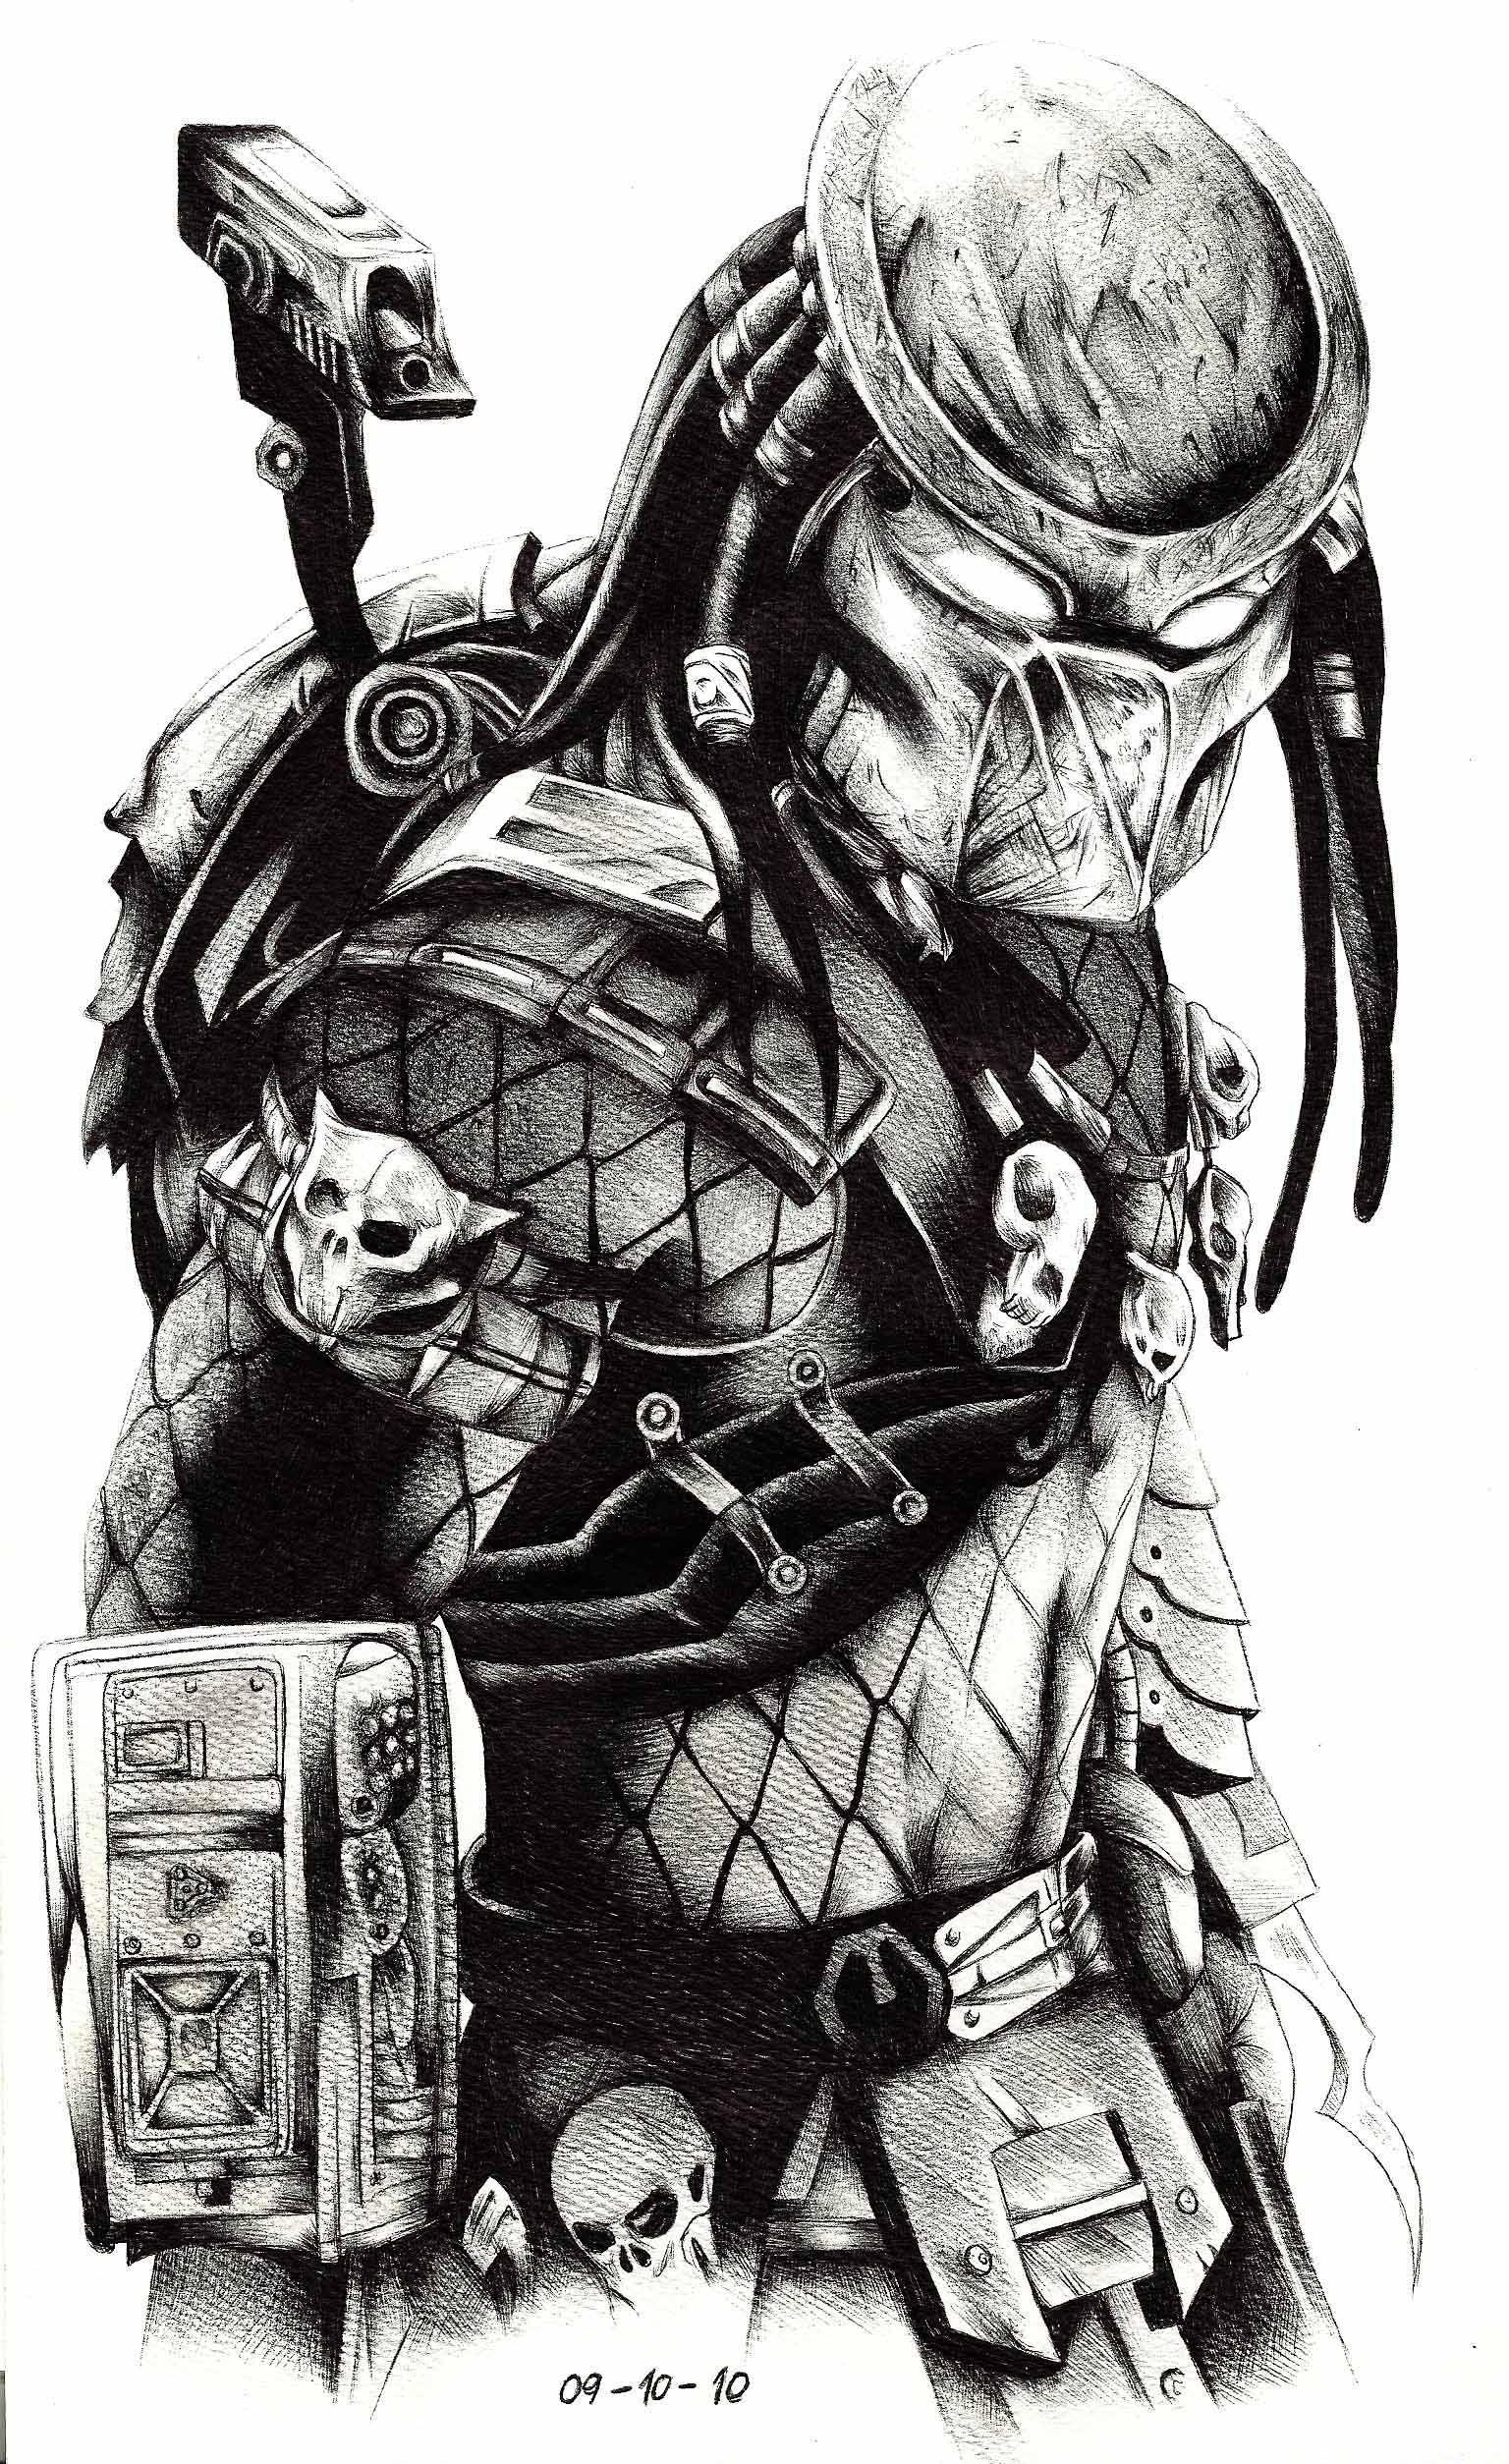 51 Deadliest Predator Tattoo Designs Ideas For Men: Predator Art, Predator, Predator Cosplay